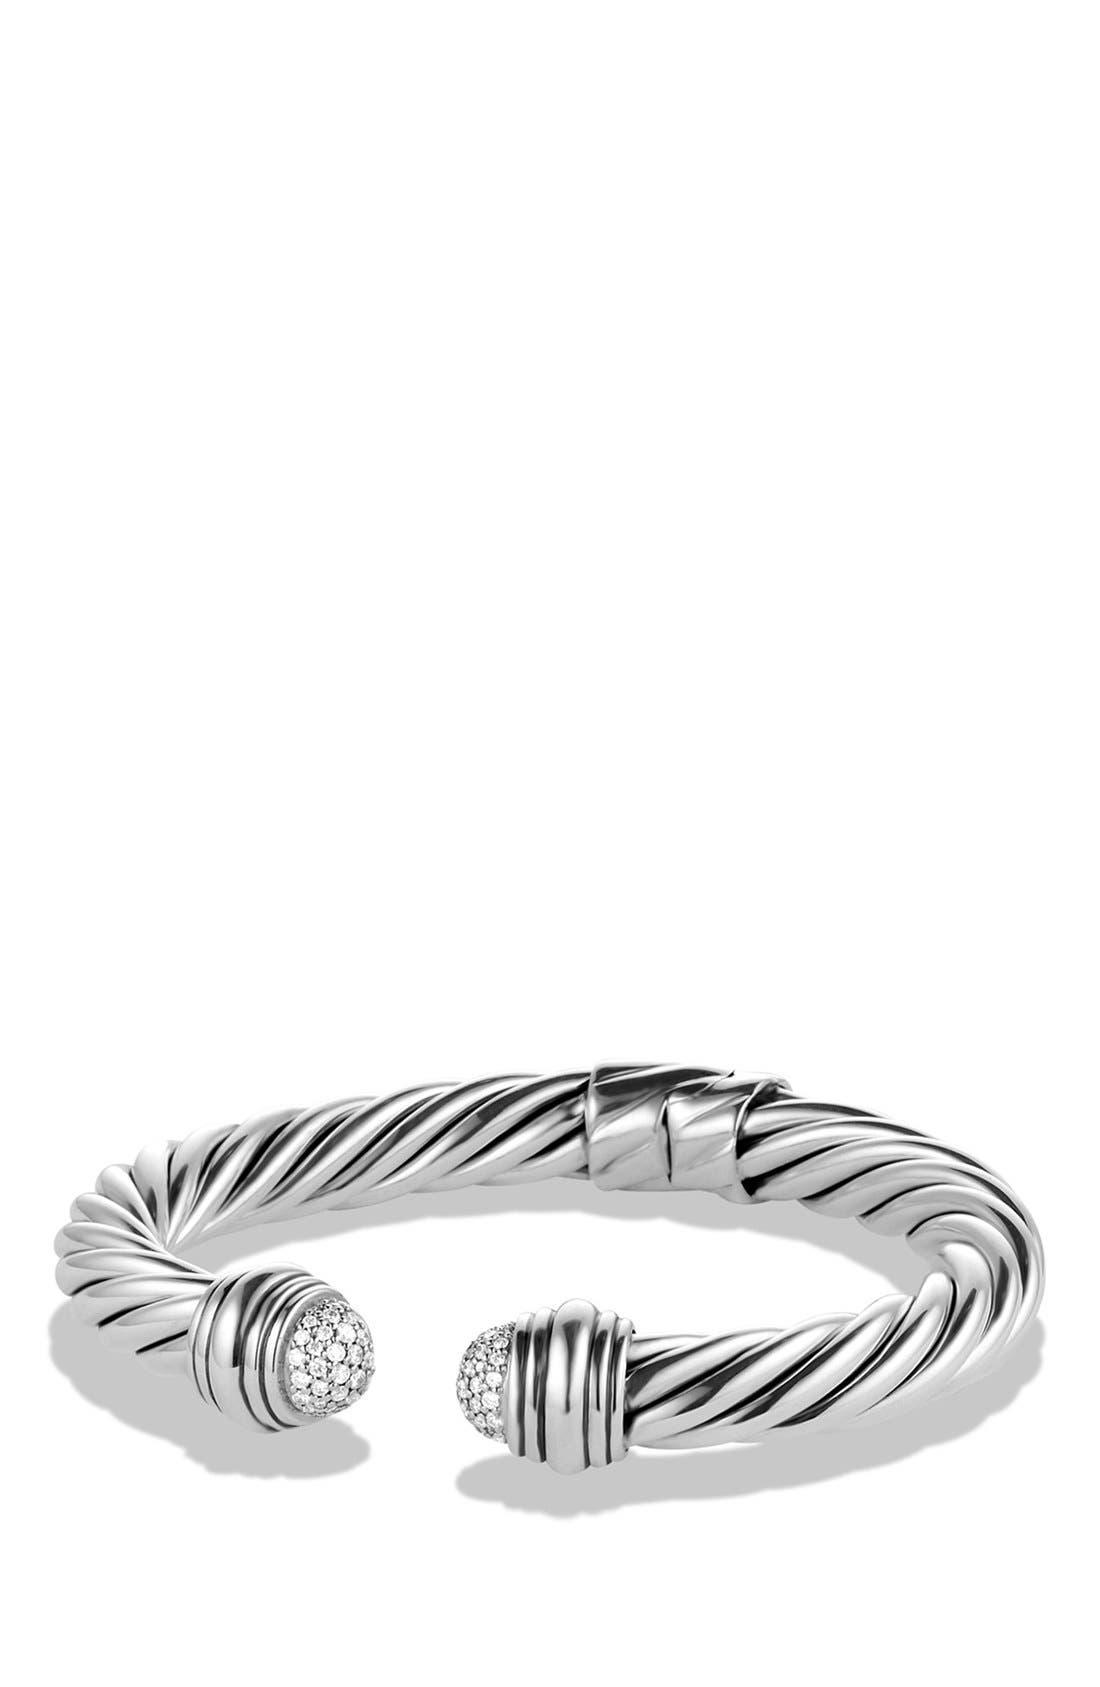 Cable Classics Pavé Tip Bracelet with Diamonds, 8.5mm,                         Main,                         color, DIAMOND